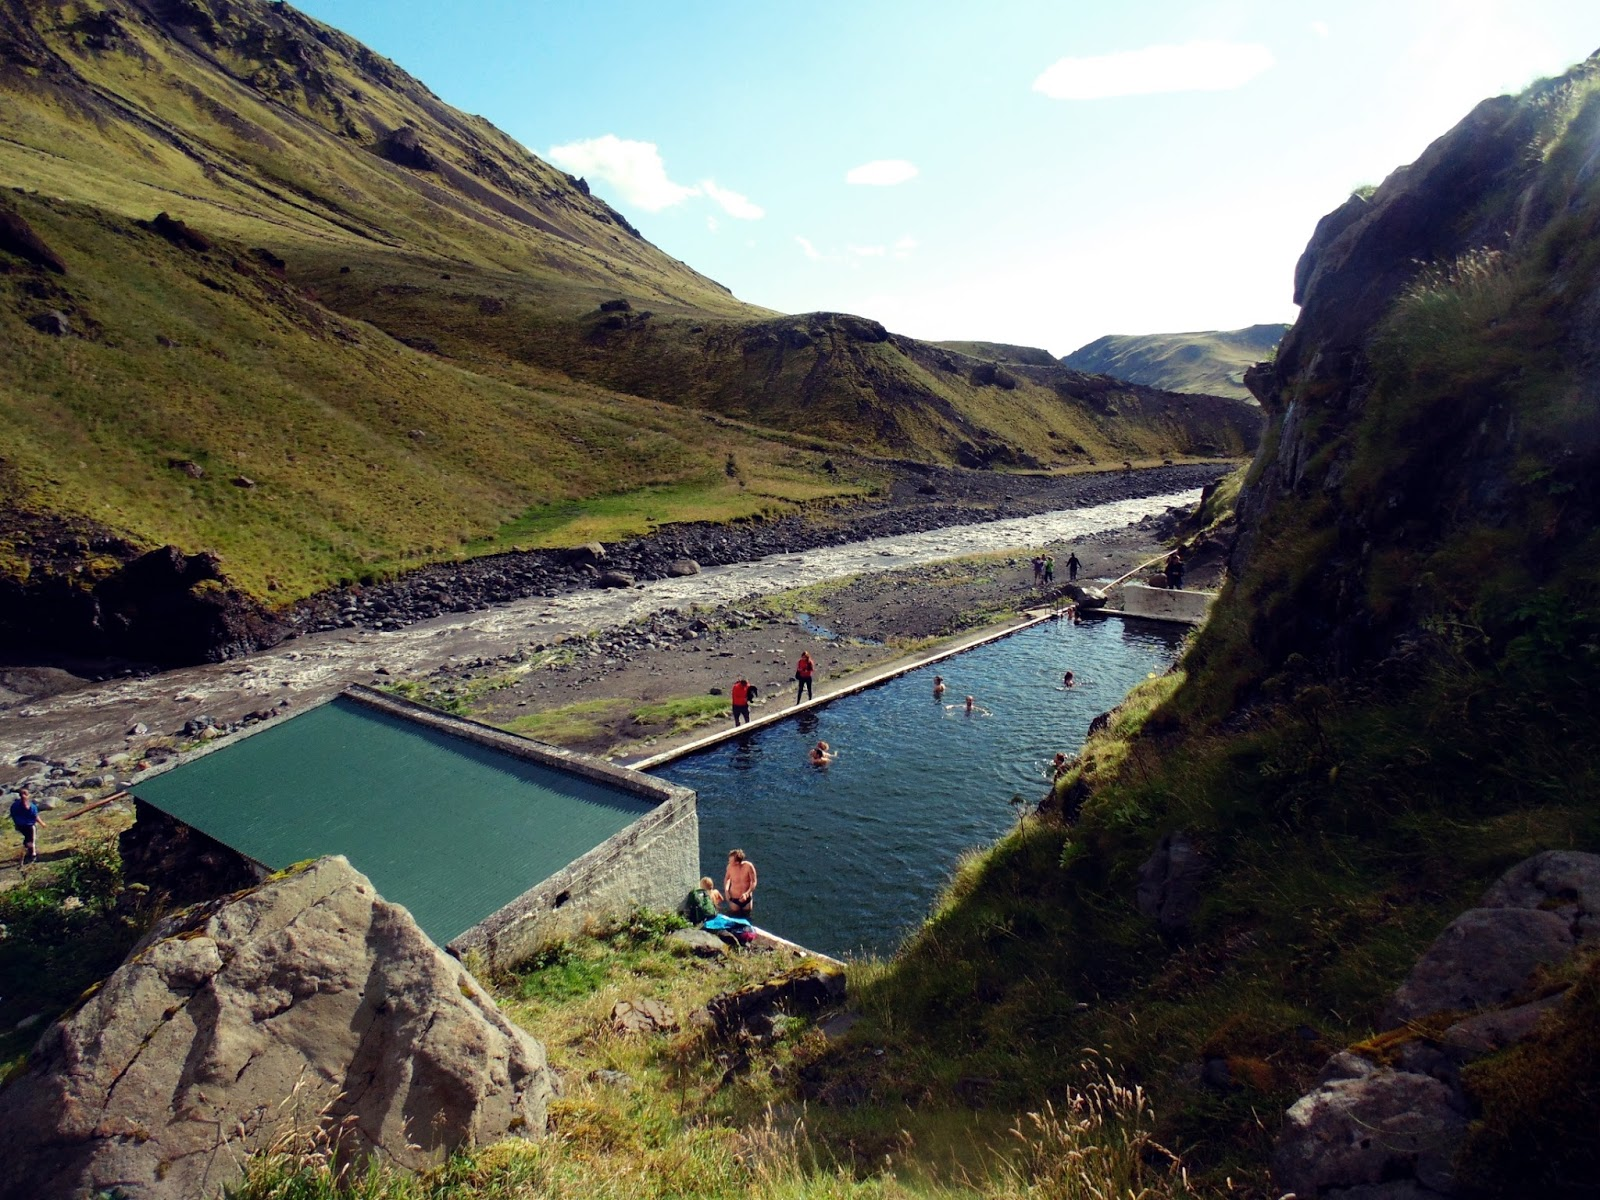 dziki basen Seljavallalaug, basen, islandzki basen, gorące źródła islandia